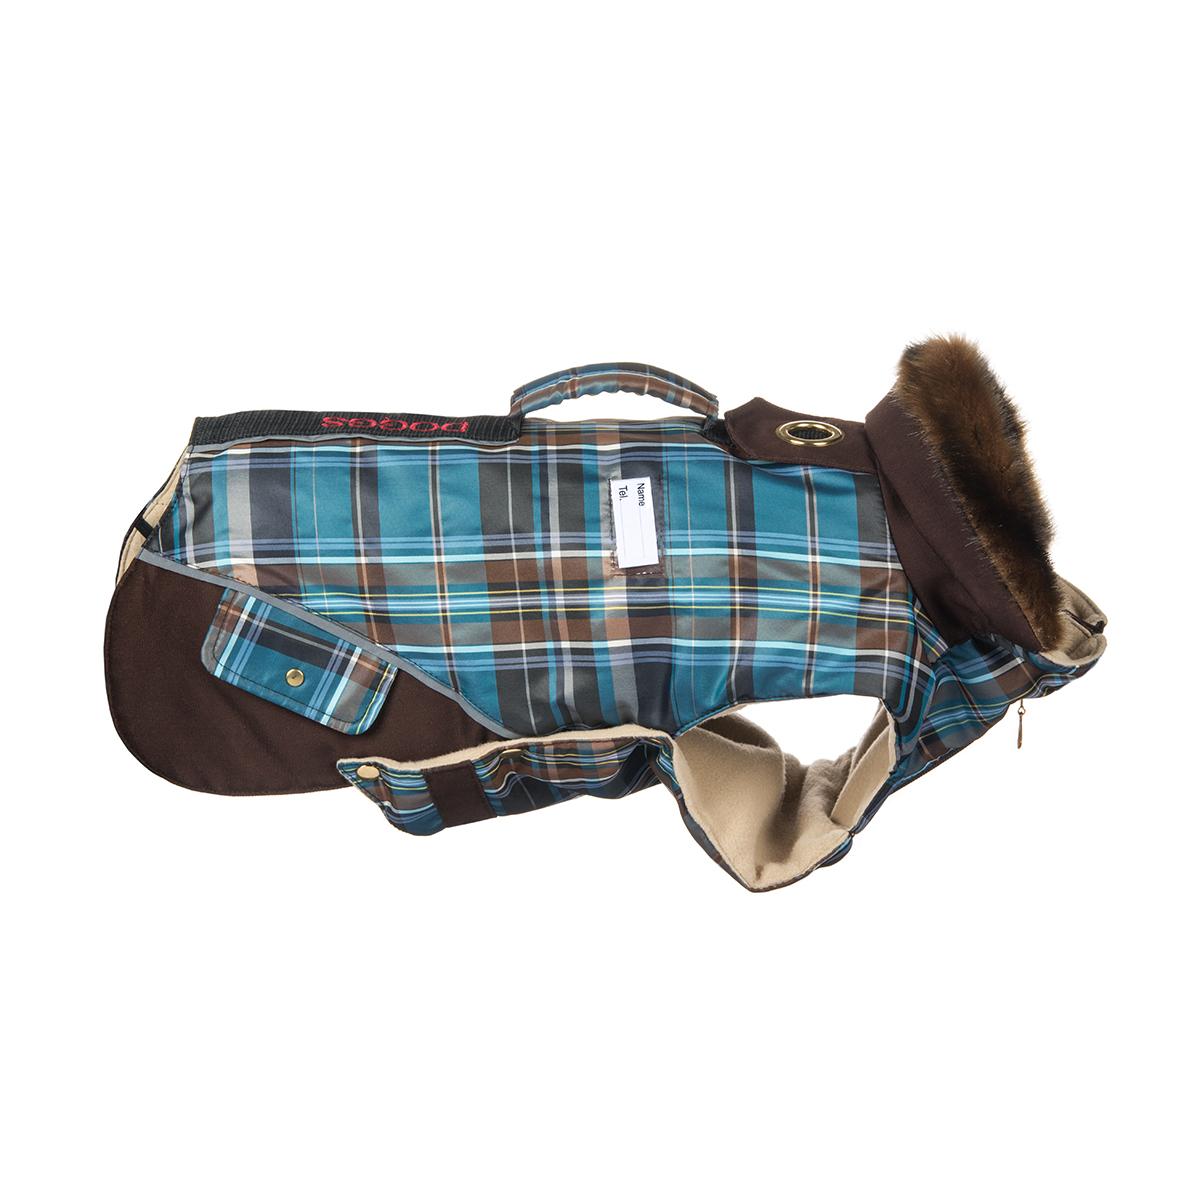 Попона для собак Dogmoda Doggs, для мальчика, цвет: синий, коричневый. Размер L0120710Теплая попона для собак Dogmoda Doggs отлично подойдет для прогулок в холодное время года.Попона изготовлена из водоотталкивающего полиэстера, защищающего от ветра и осадков, с утеплителем из синтепона, который сохранит тепло даже в сильные морозы, а на подкладке используется флис, который отлично сохраняет тепло и обеспечивает воздухообмен. Попона оснащена прорезями для ног и застегивается на кнопки, а высокий ворот с расширителем имеет застежку-молнию и кнопку, благодаря чему ее легко надевать и снимать. Ворот украшен искусственным мехом. На животе попона затягивается на шнурок-кулиску с зажимом. Спинка декорирована вышитой надписью Doggs, оснащена светоотражающими элементами и ручкой. Модель снабжена непромокаемым карманом для размещения записки с информацией о вашем питомце, на случай если он потеряется.Благодаря такой попоне питомцу будет тепло и комфортно в любое время года.Попона подходит для собак следующих пород: - шарпей- лайка- австралийская овчарка- колли- бордер колли- американский стаффордширский терьер- английский бультерьер- американский бульдог.